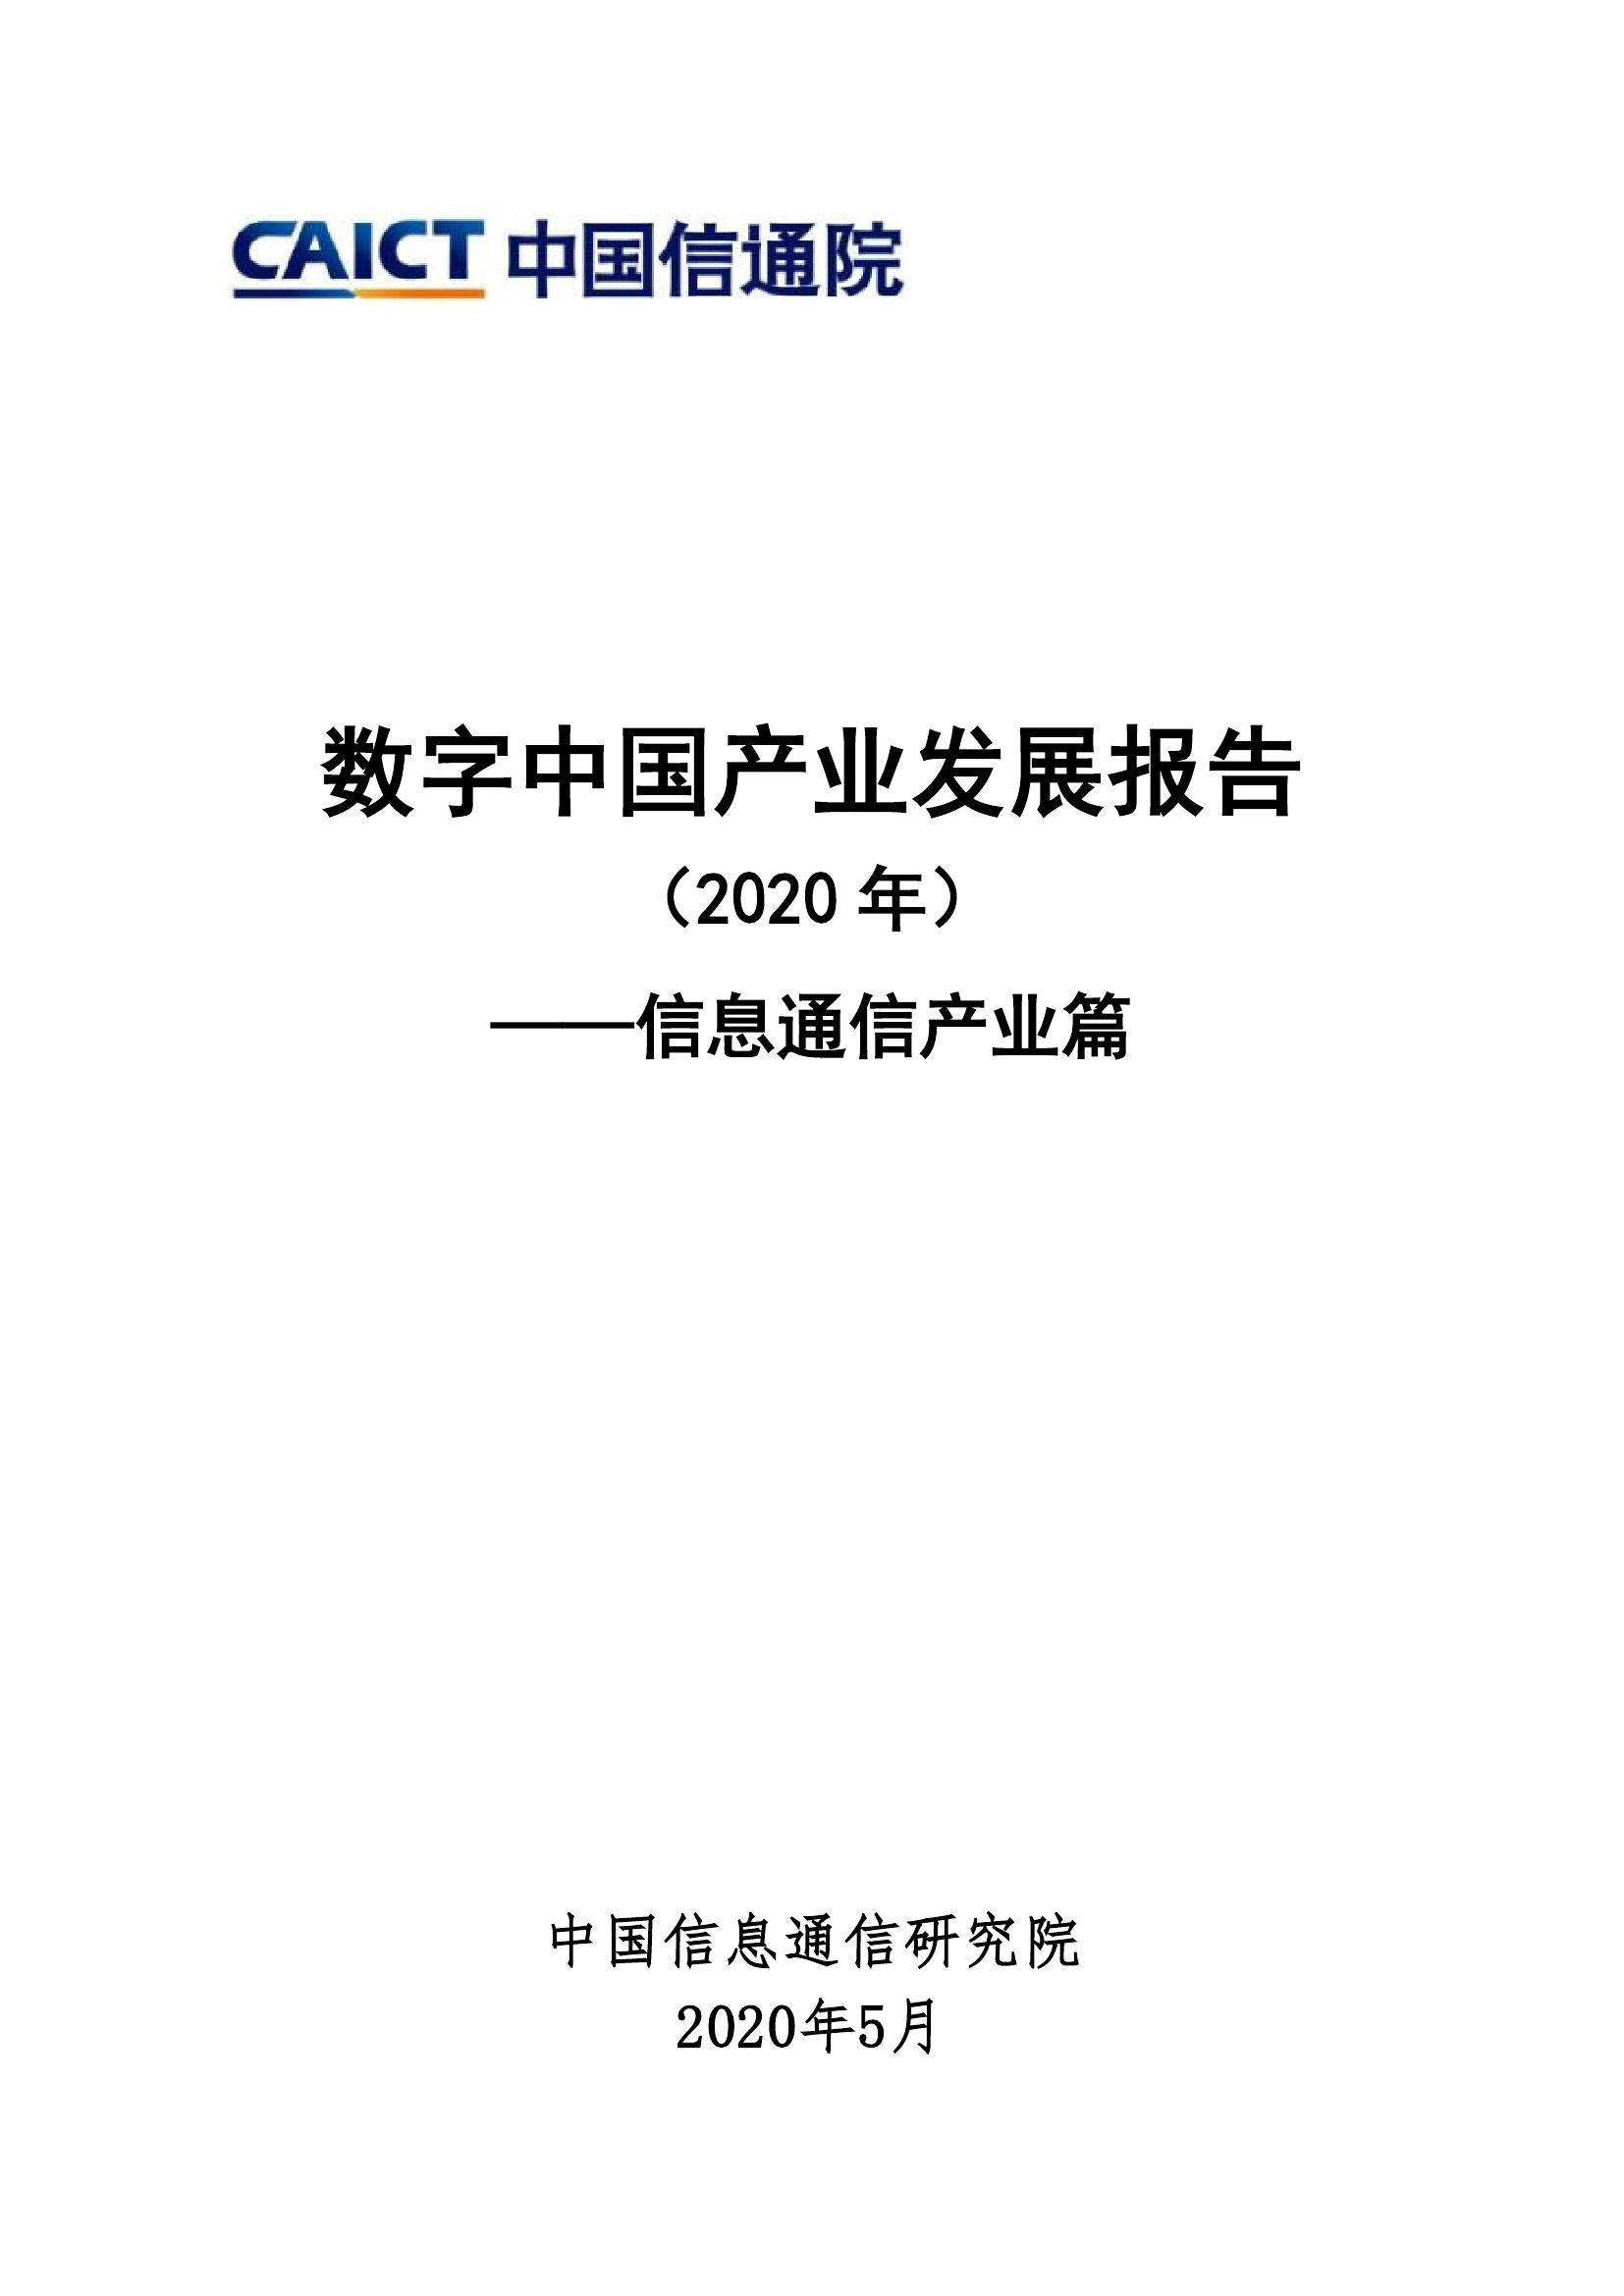 中国信通院:2020数字中国产业发展报告-信息通信篇(附下载)